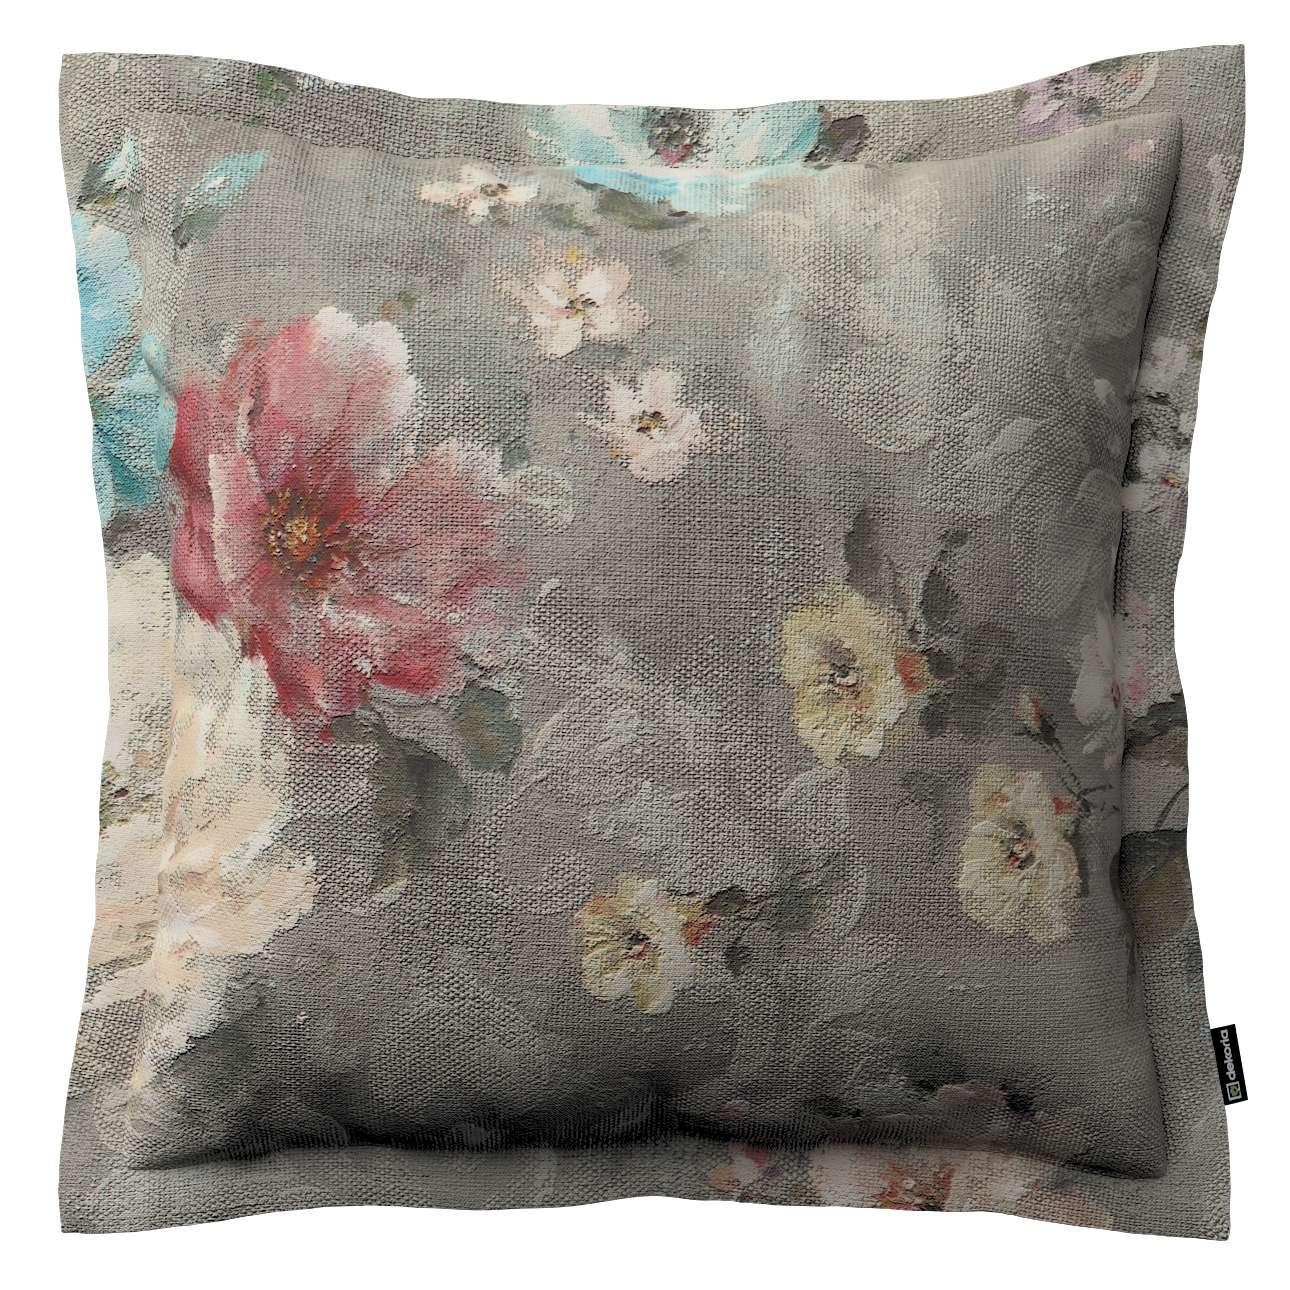 Poszewka Mona na poduszkę 45x45 cm w kolekcji Monet, tkanina: 137-81